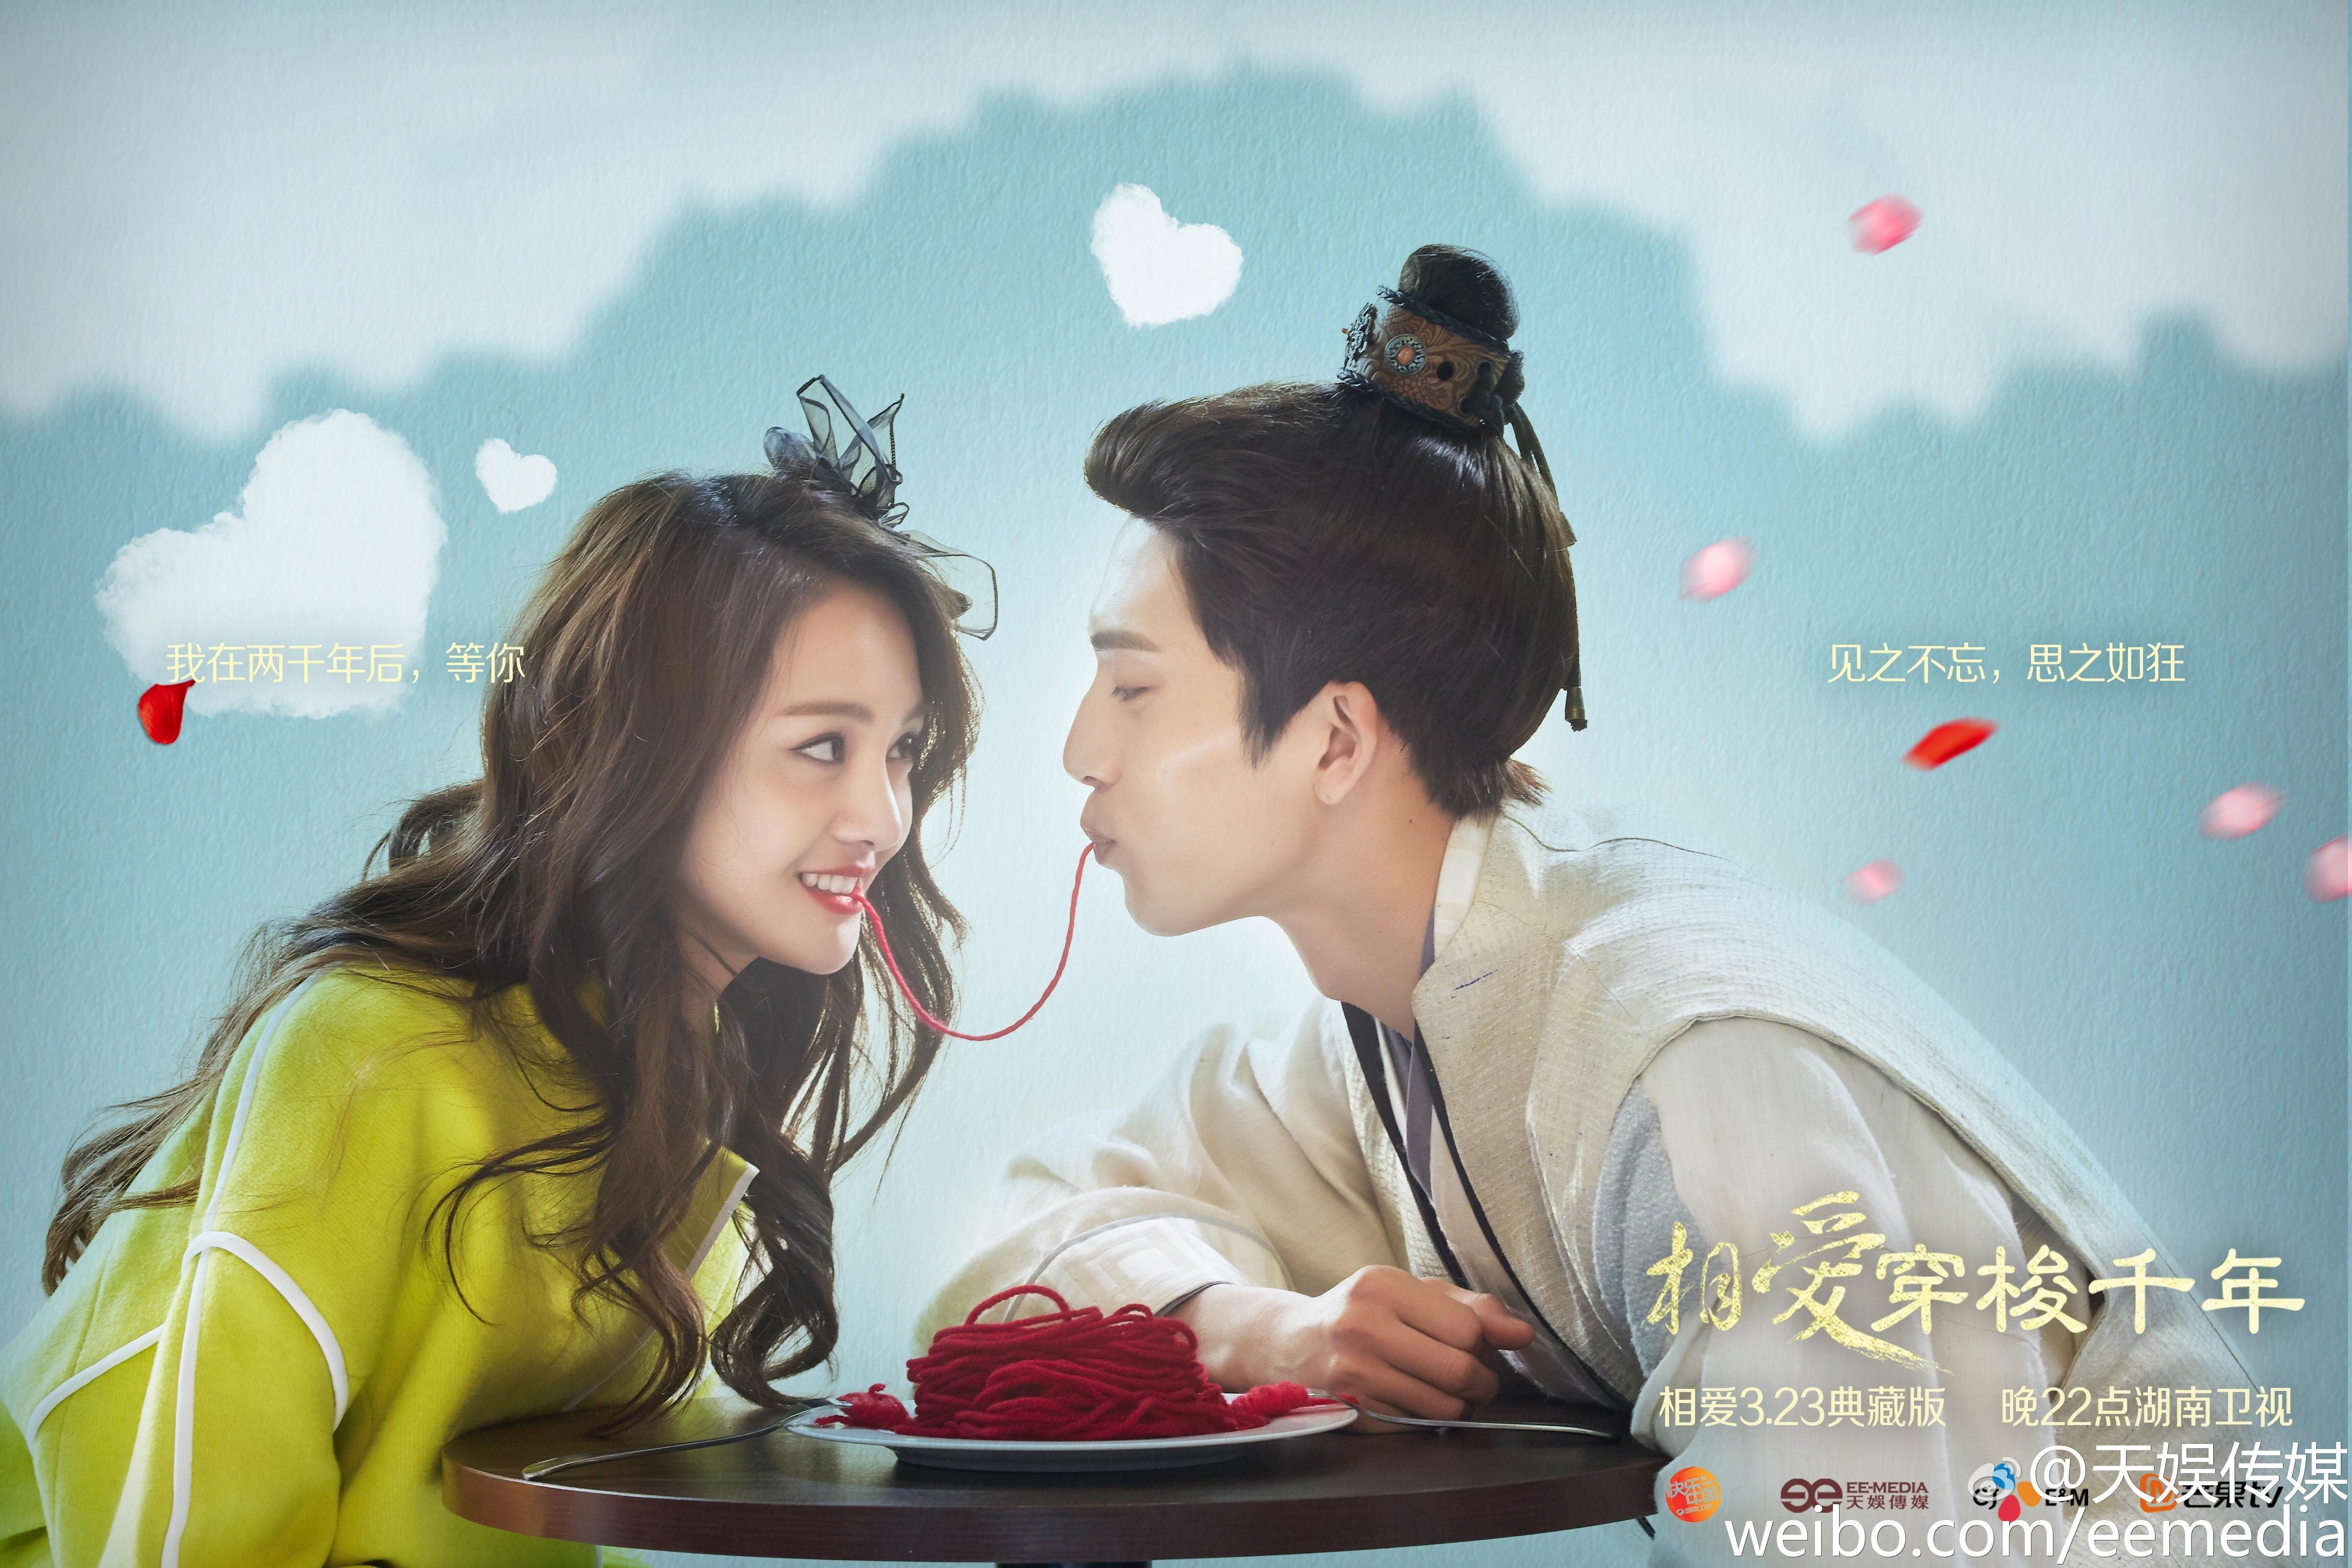 jing boran and zheng shuang dating advice